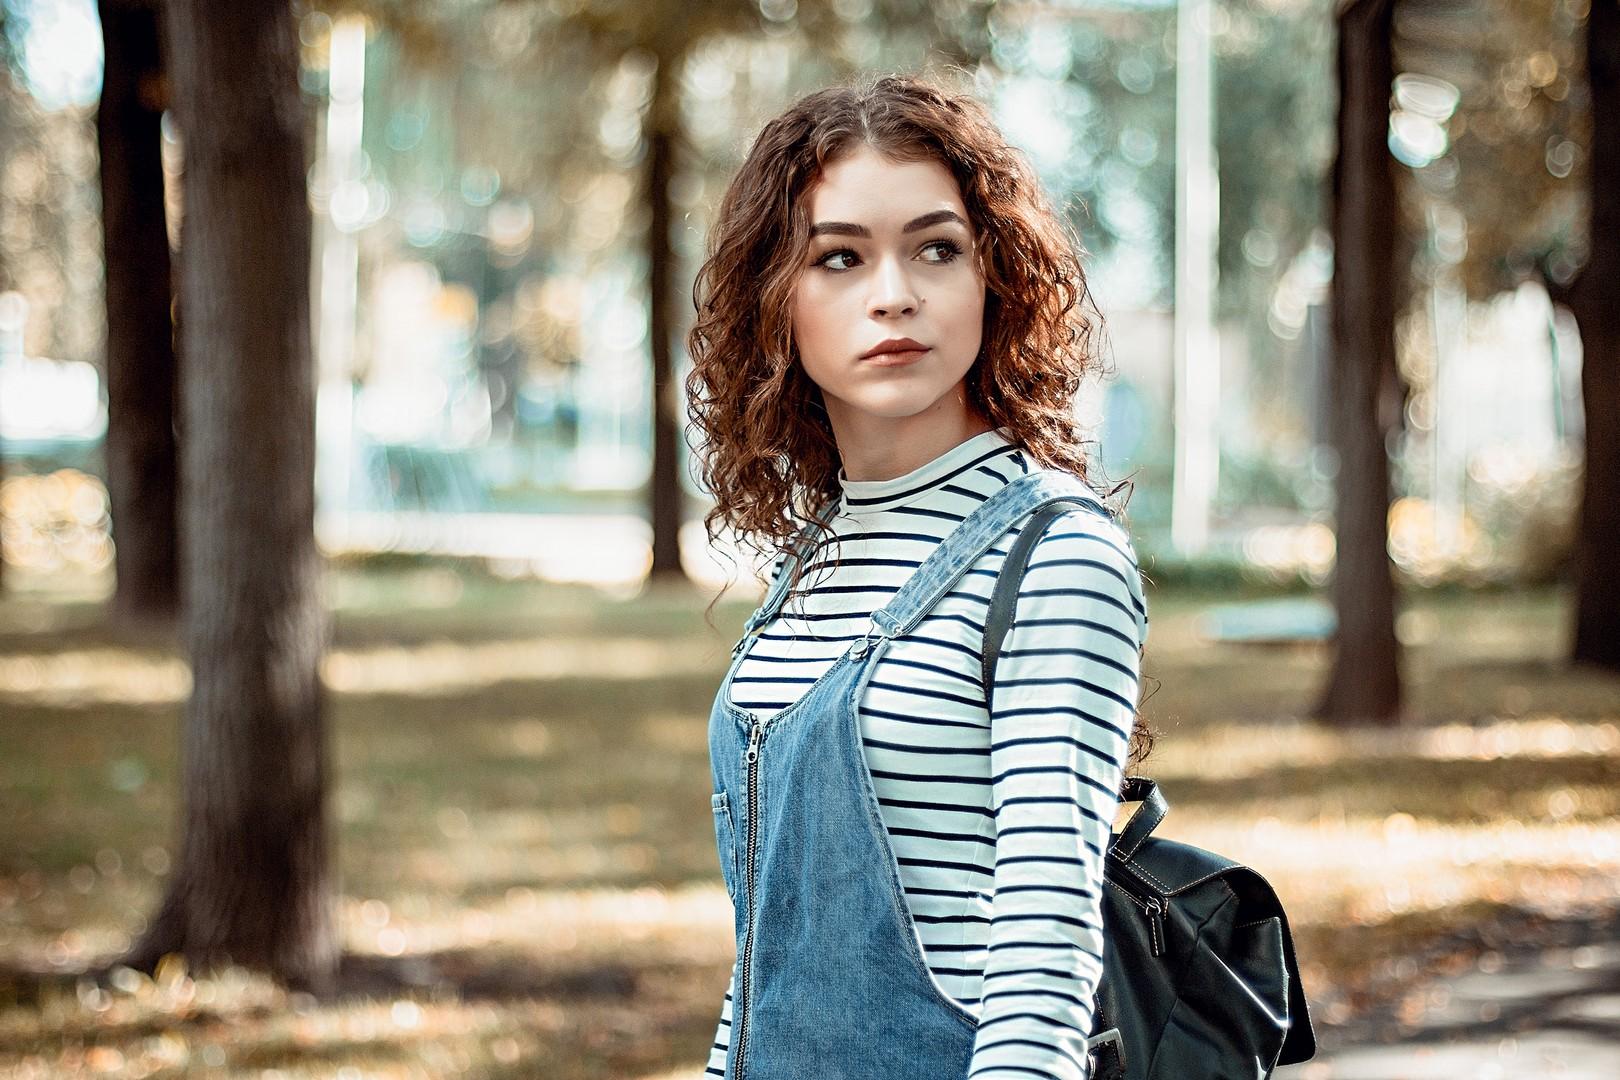 cabelo com reflexo luzes mechas 1 - Cabelo com reflexo, luzes ou mechas: diferenças, dicas e inspirações